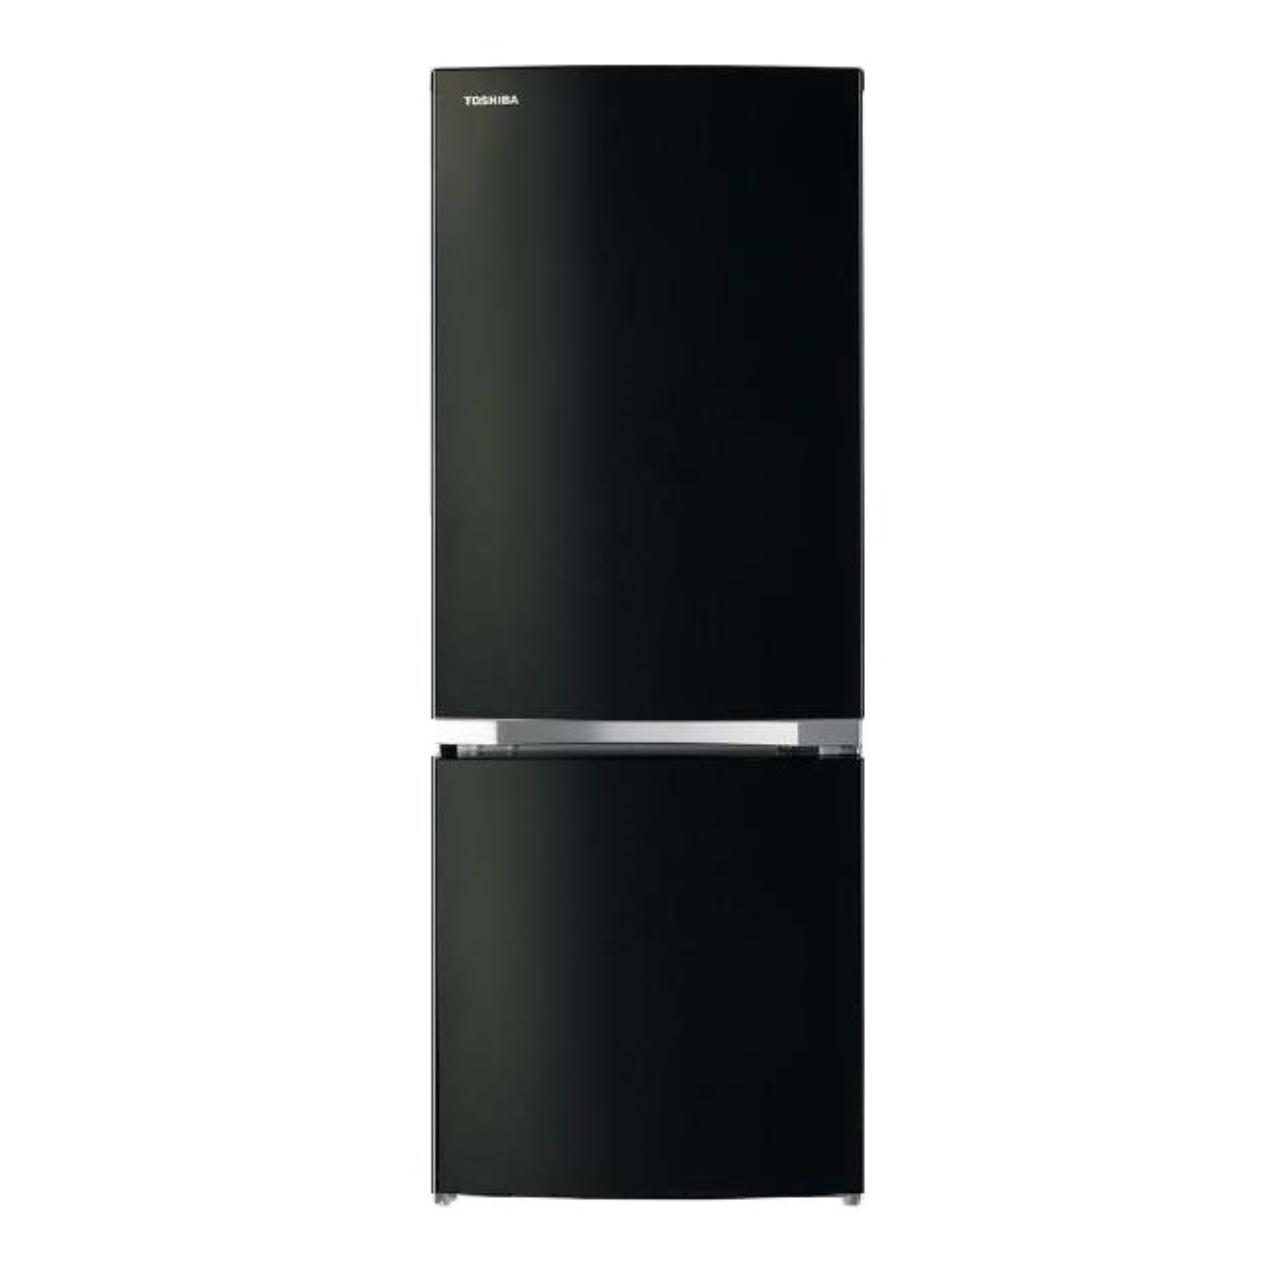 東芝GR-P15BS冷蔵庫